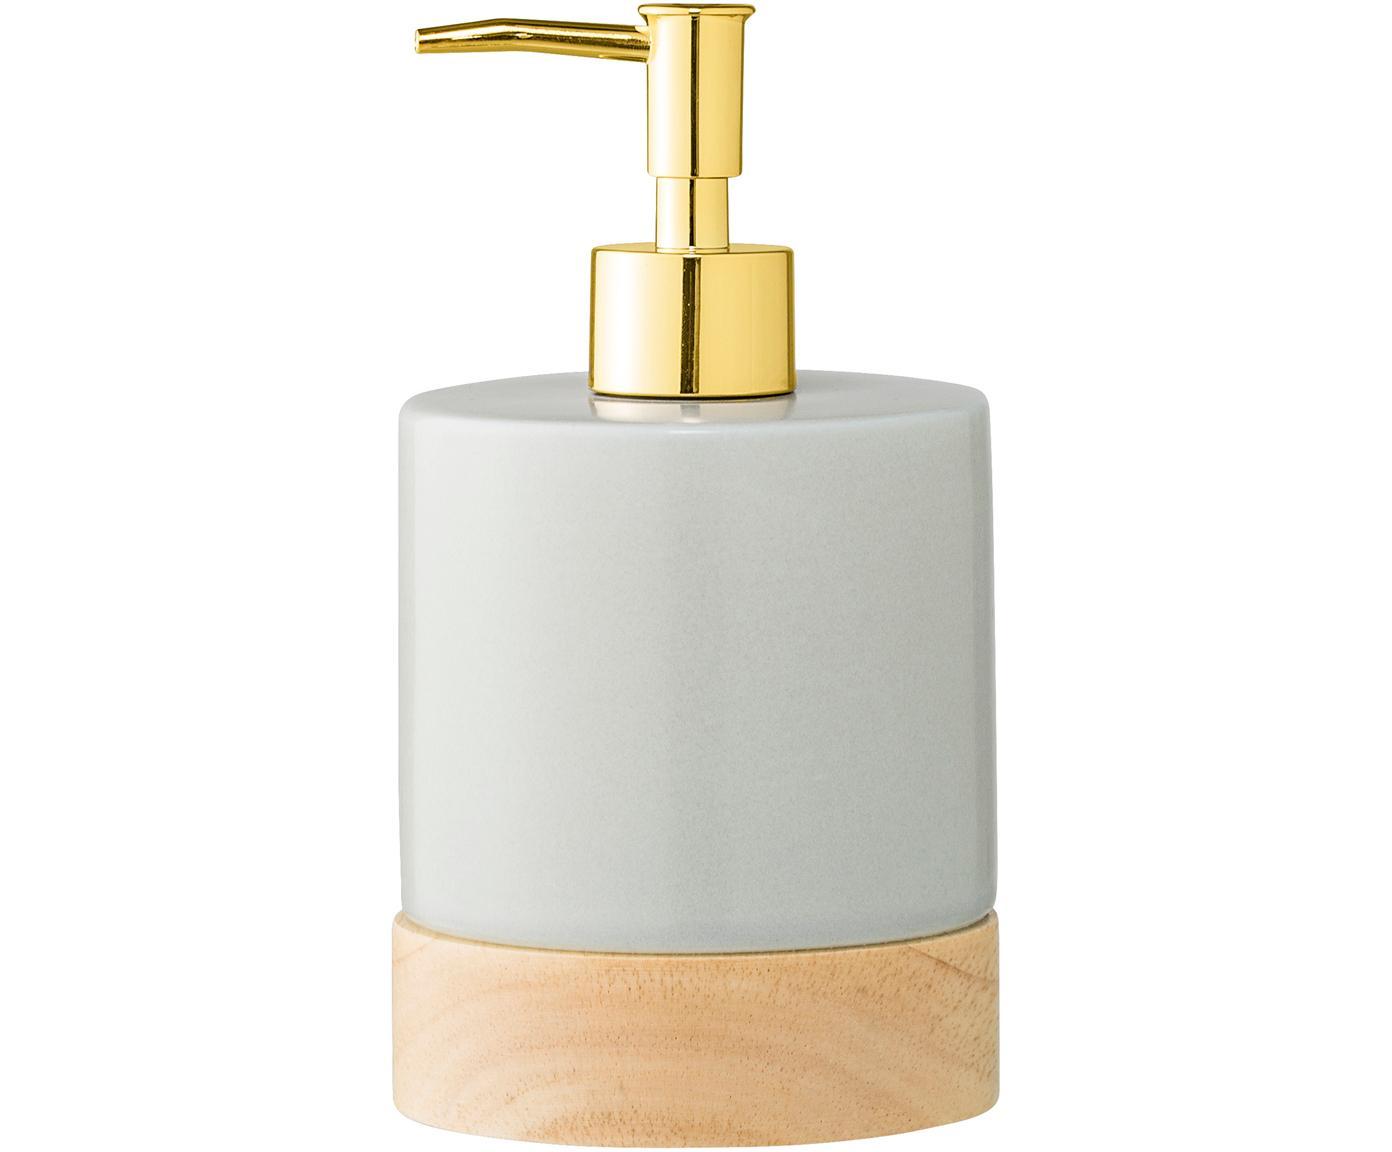 Dispenser sapone in porcellana Adam, Porcellana, legno di caucciù, metallo, Grigio, legno, ottonato, Ø 10 x Alt. 18 cm